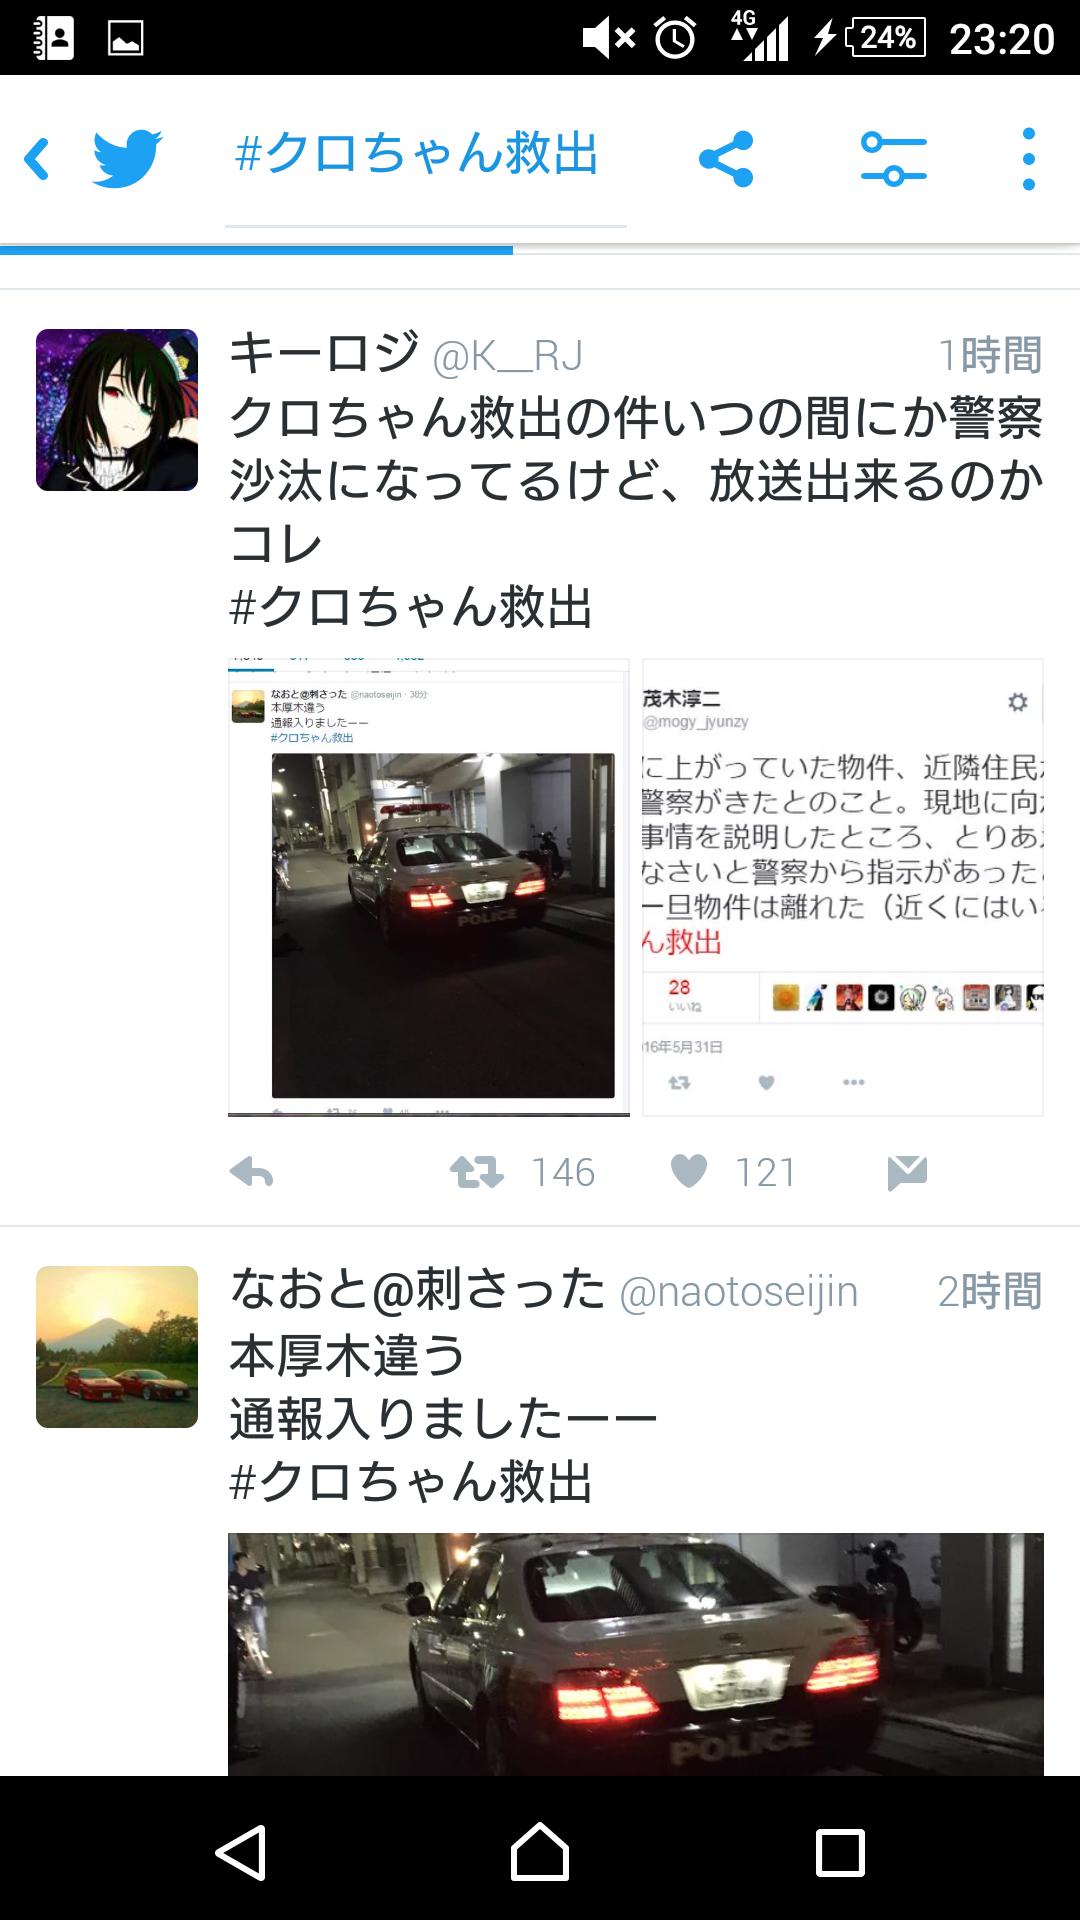 クロちゃん、「水曜日のダウンタウン」の企画で見知らぬ部屋に閉じ込められる!Twitterで救出を要請中!!